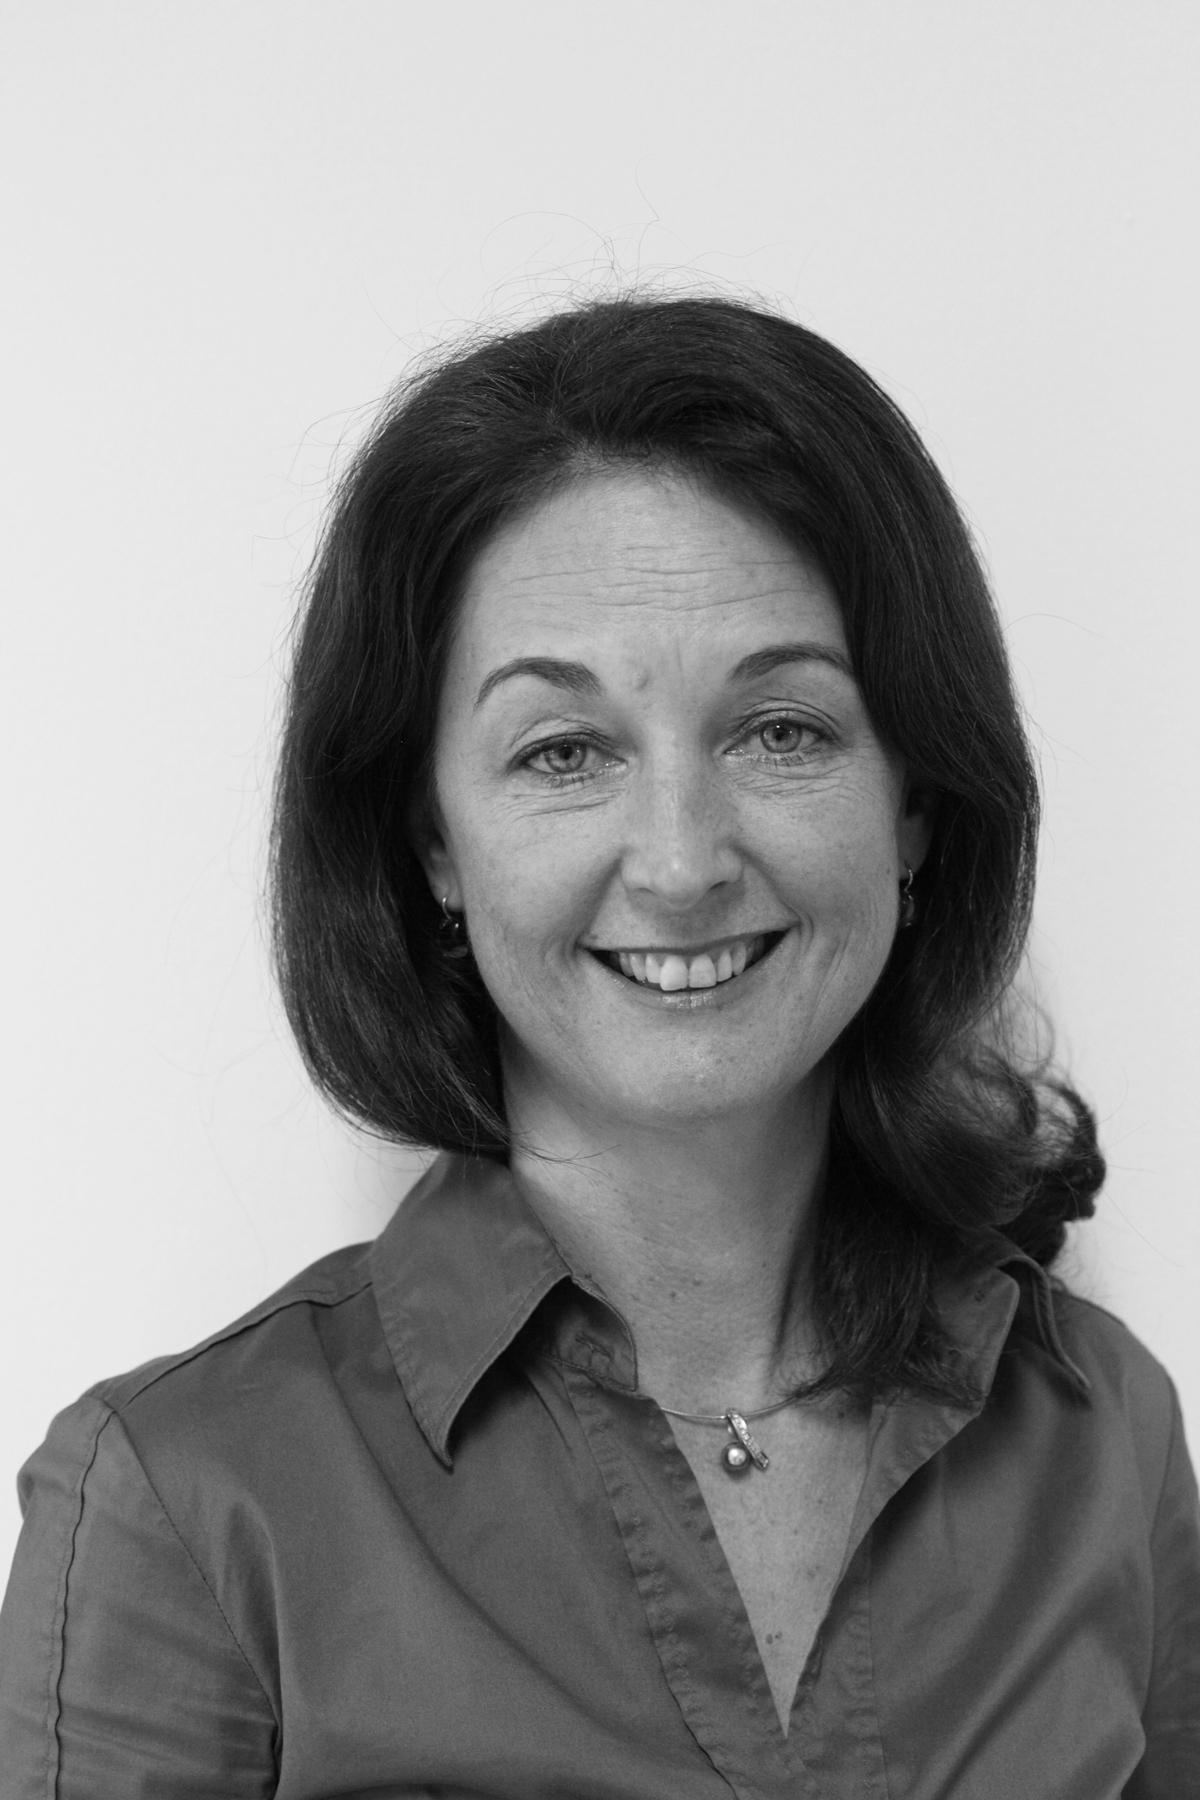 Anita Schrott-Joos